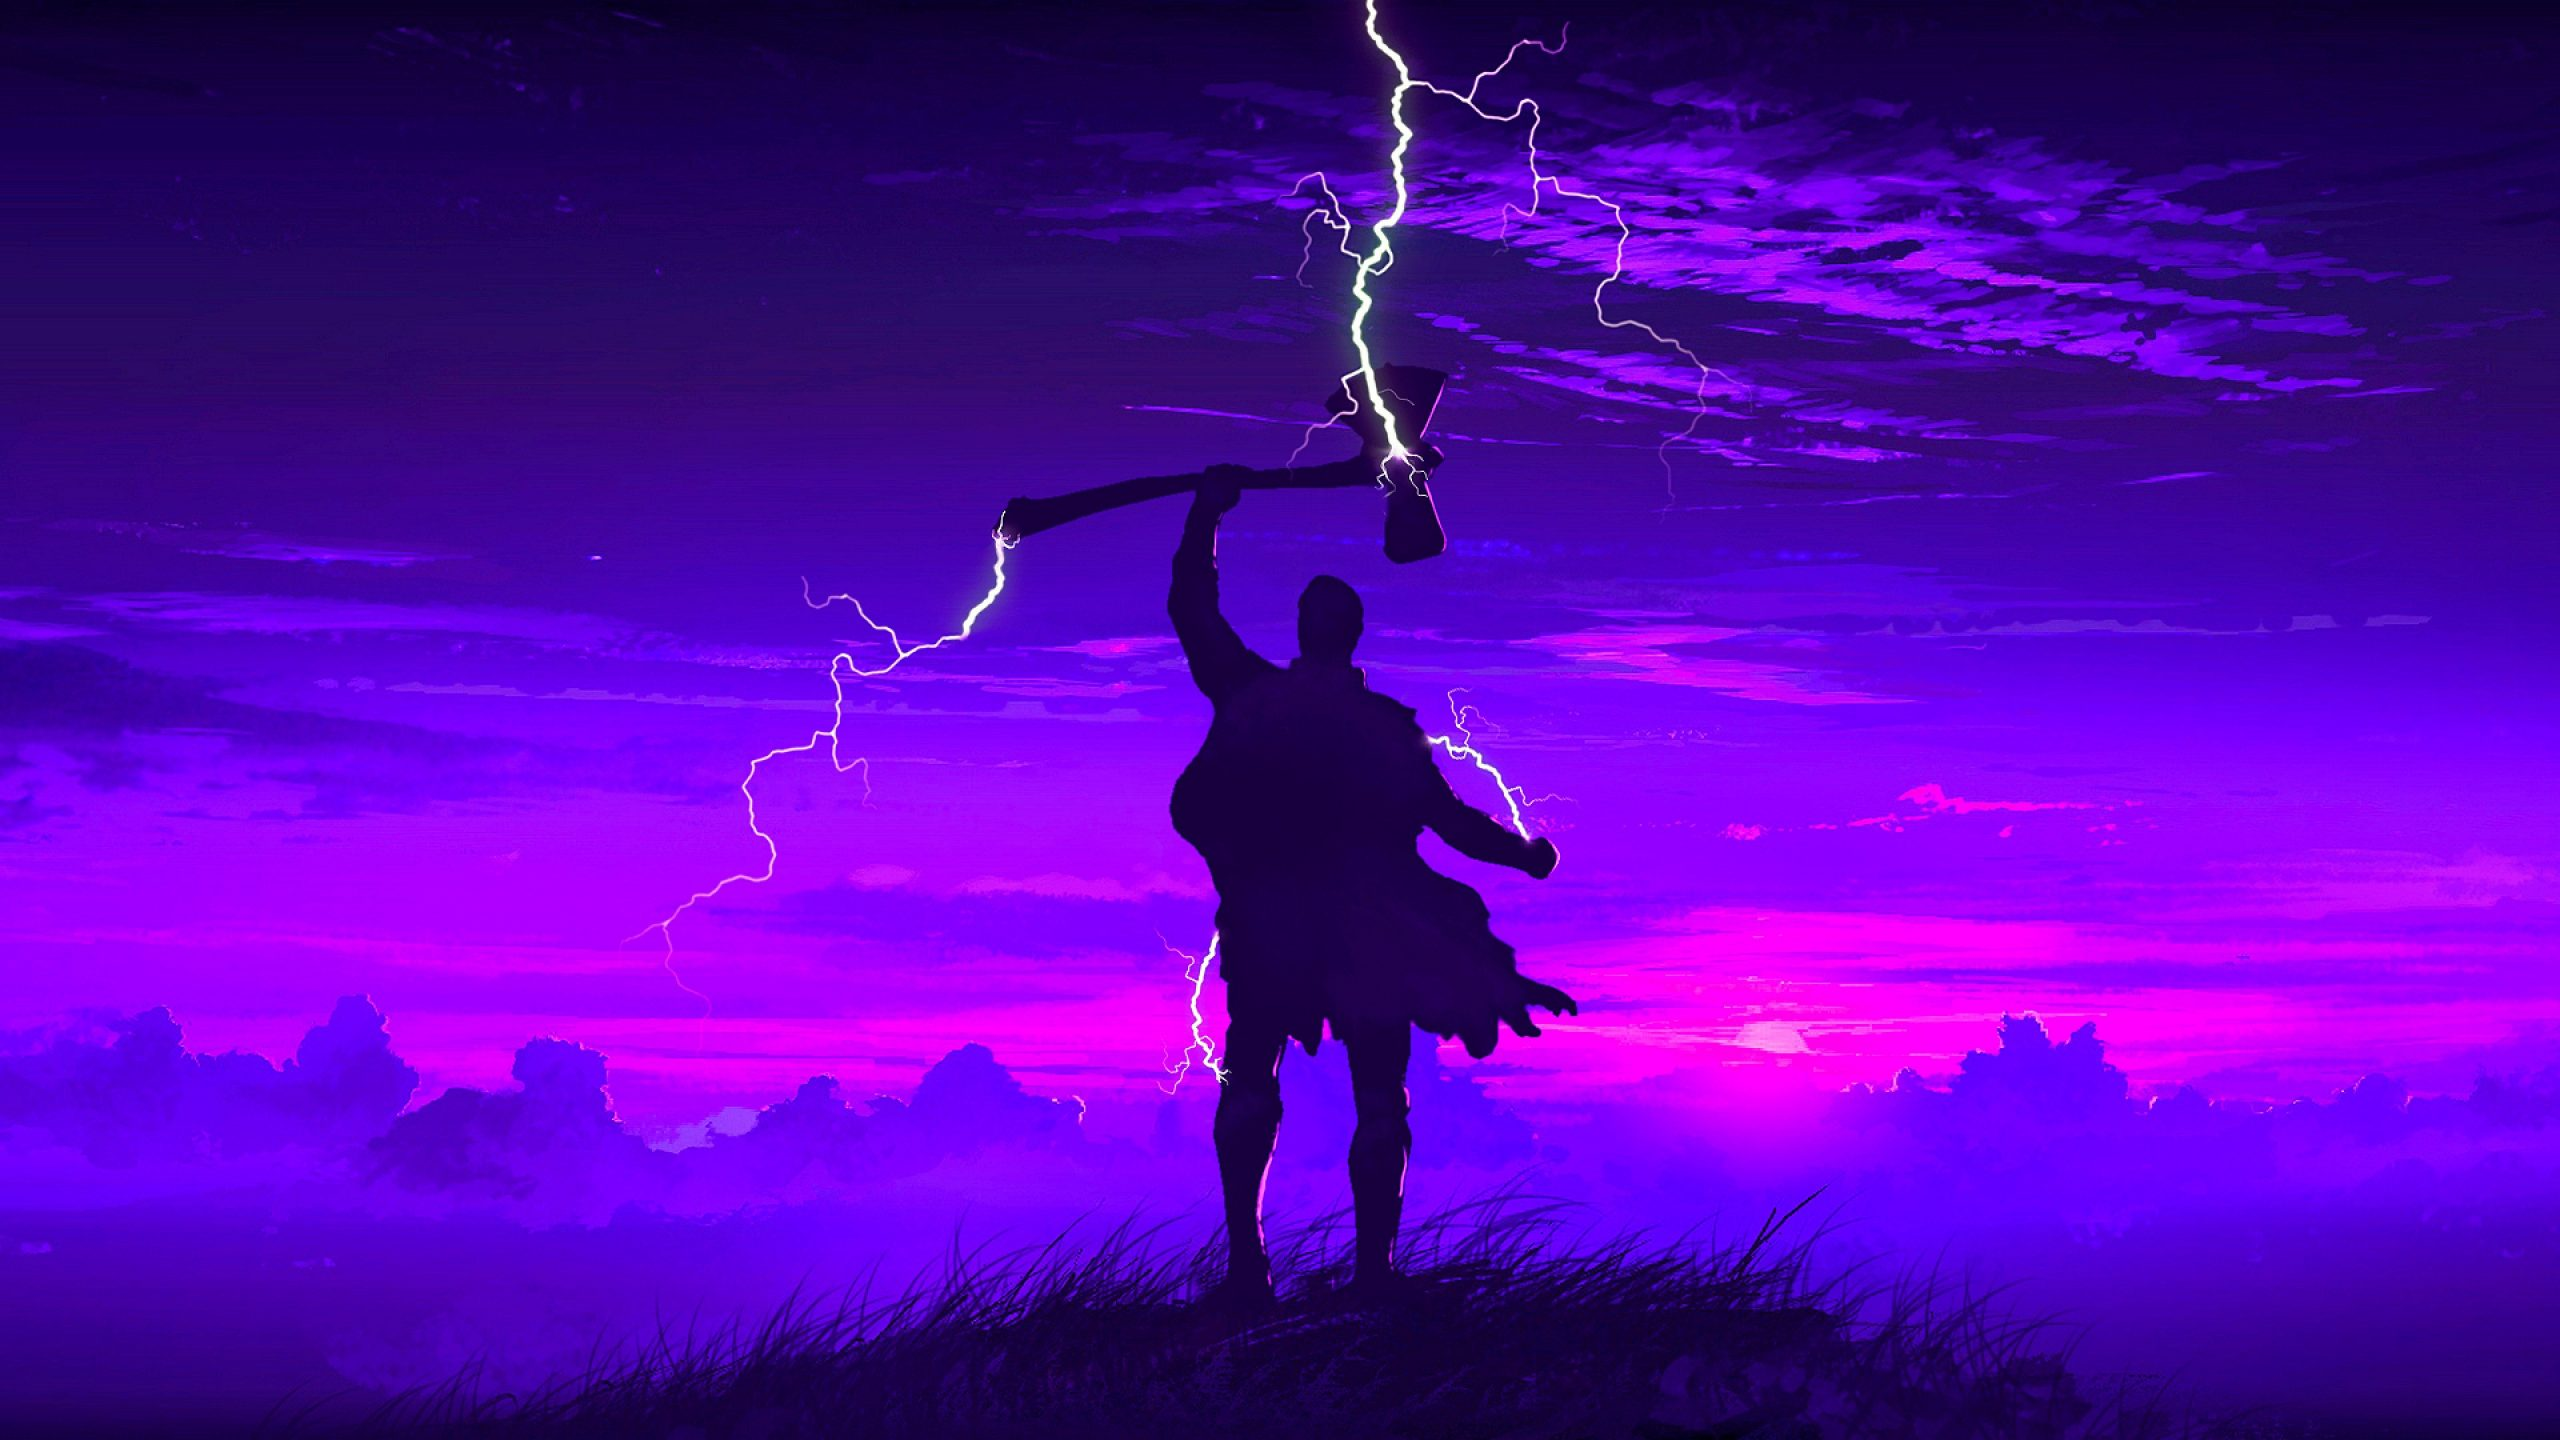 Thor Art 4K Wallpaper scaled